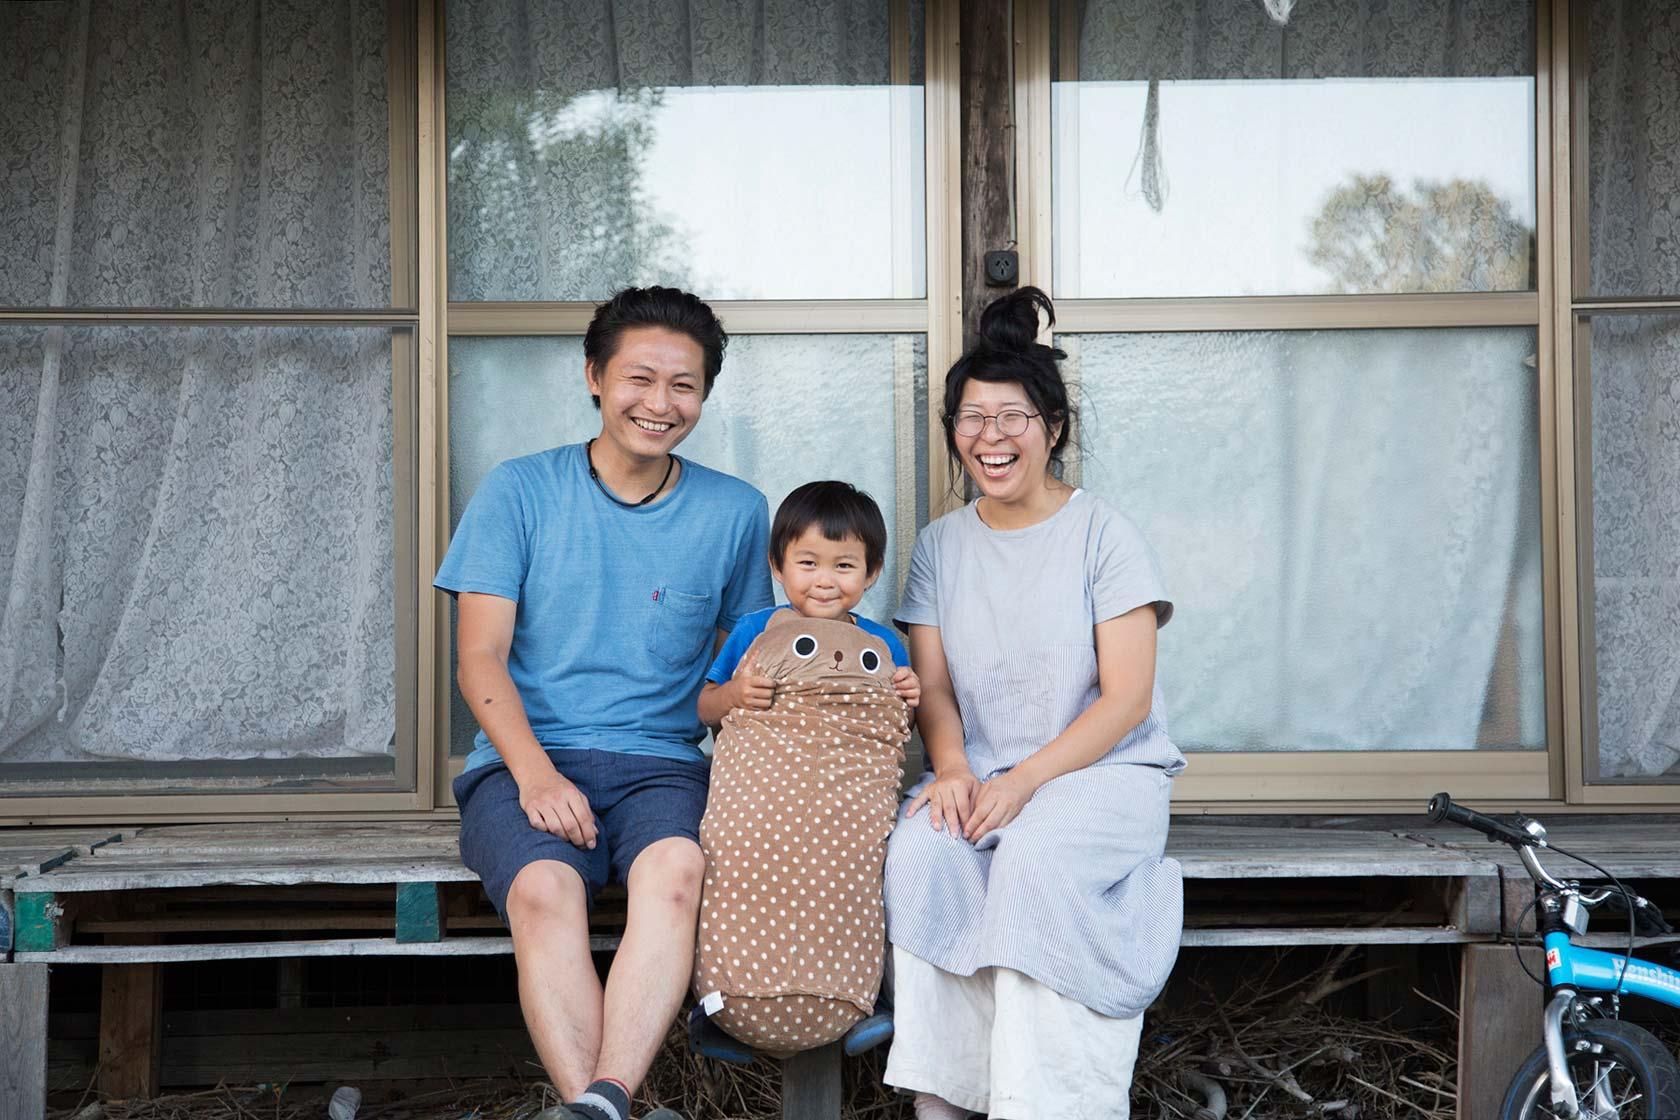 田川夫妻和小孩。攝影 / 近藤悟